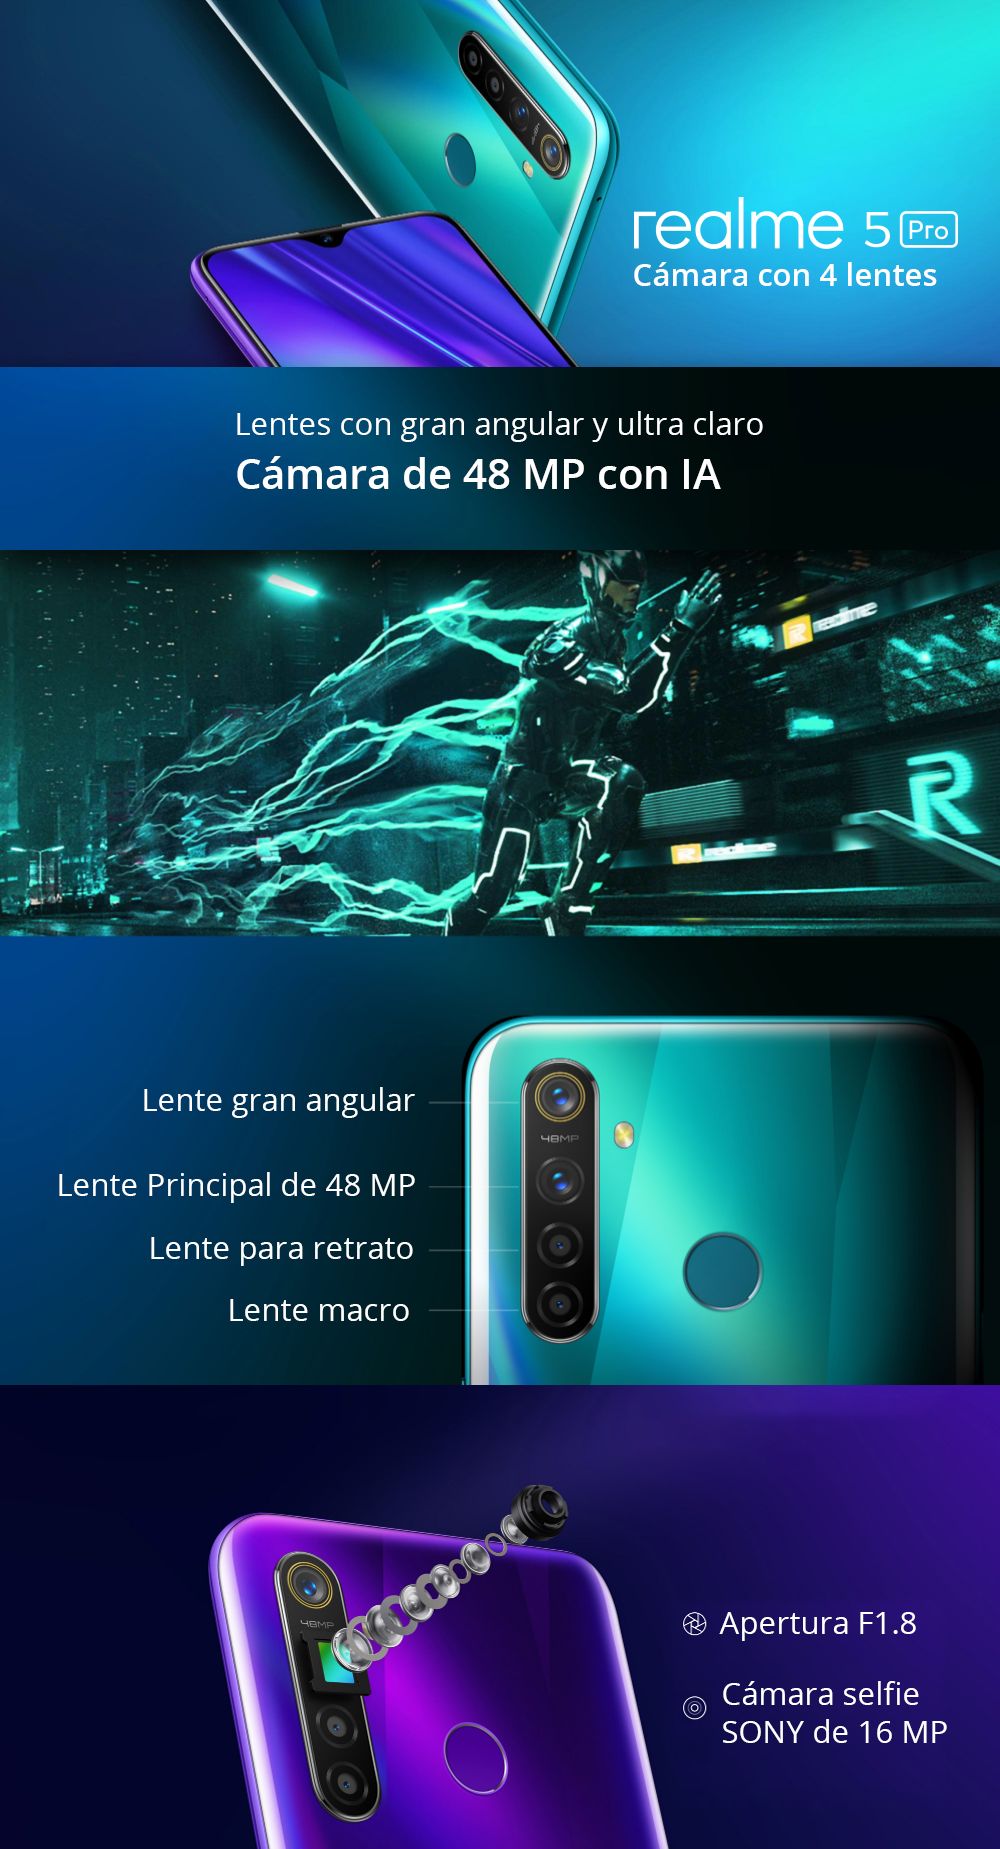 Realme 5 Pro - Banner - LaTiendaPE